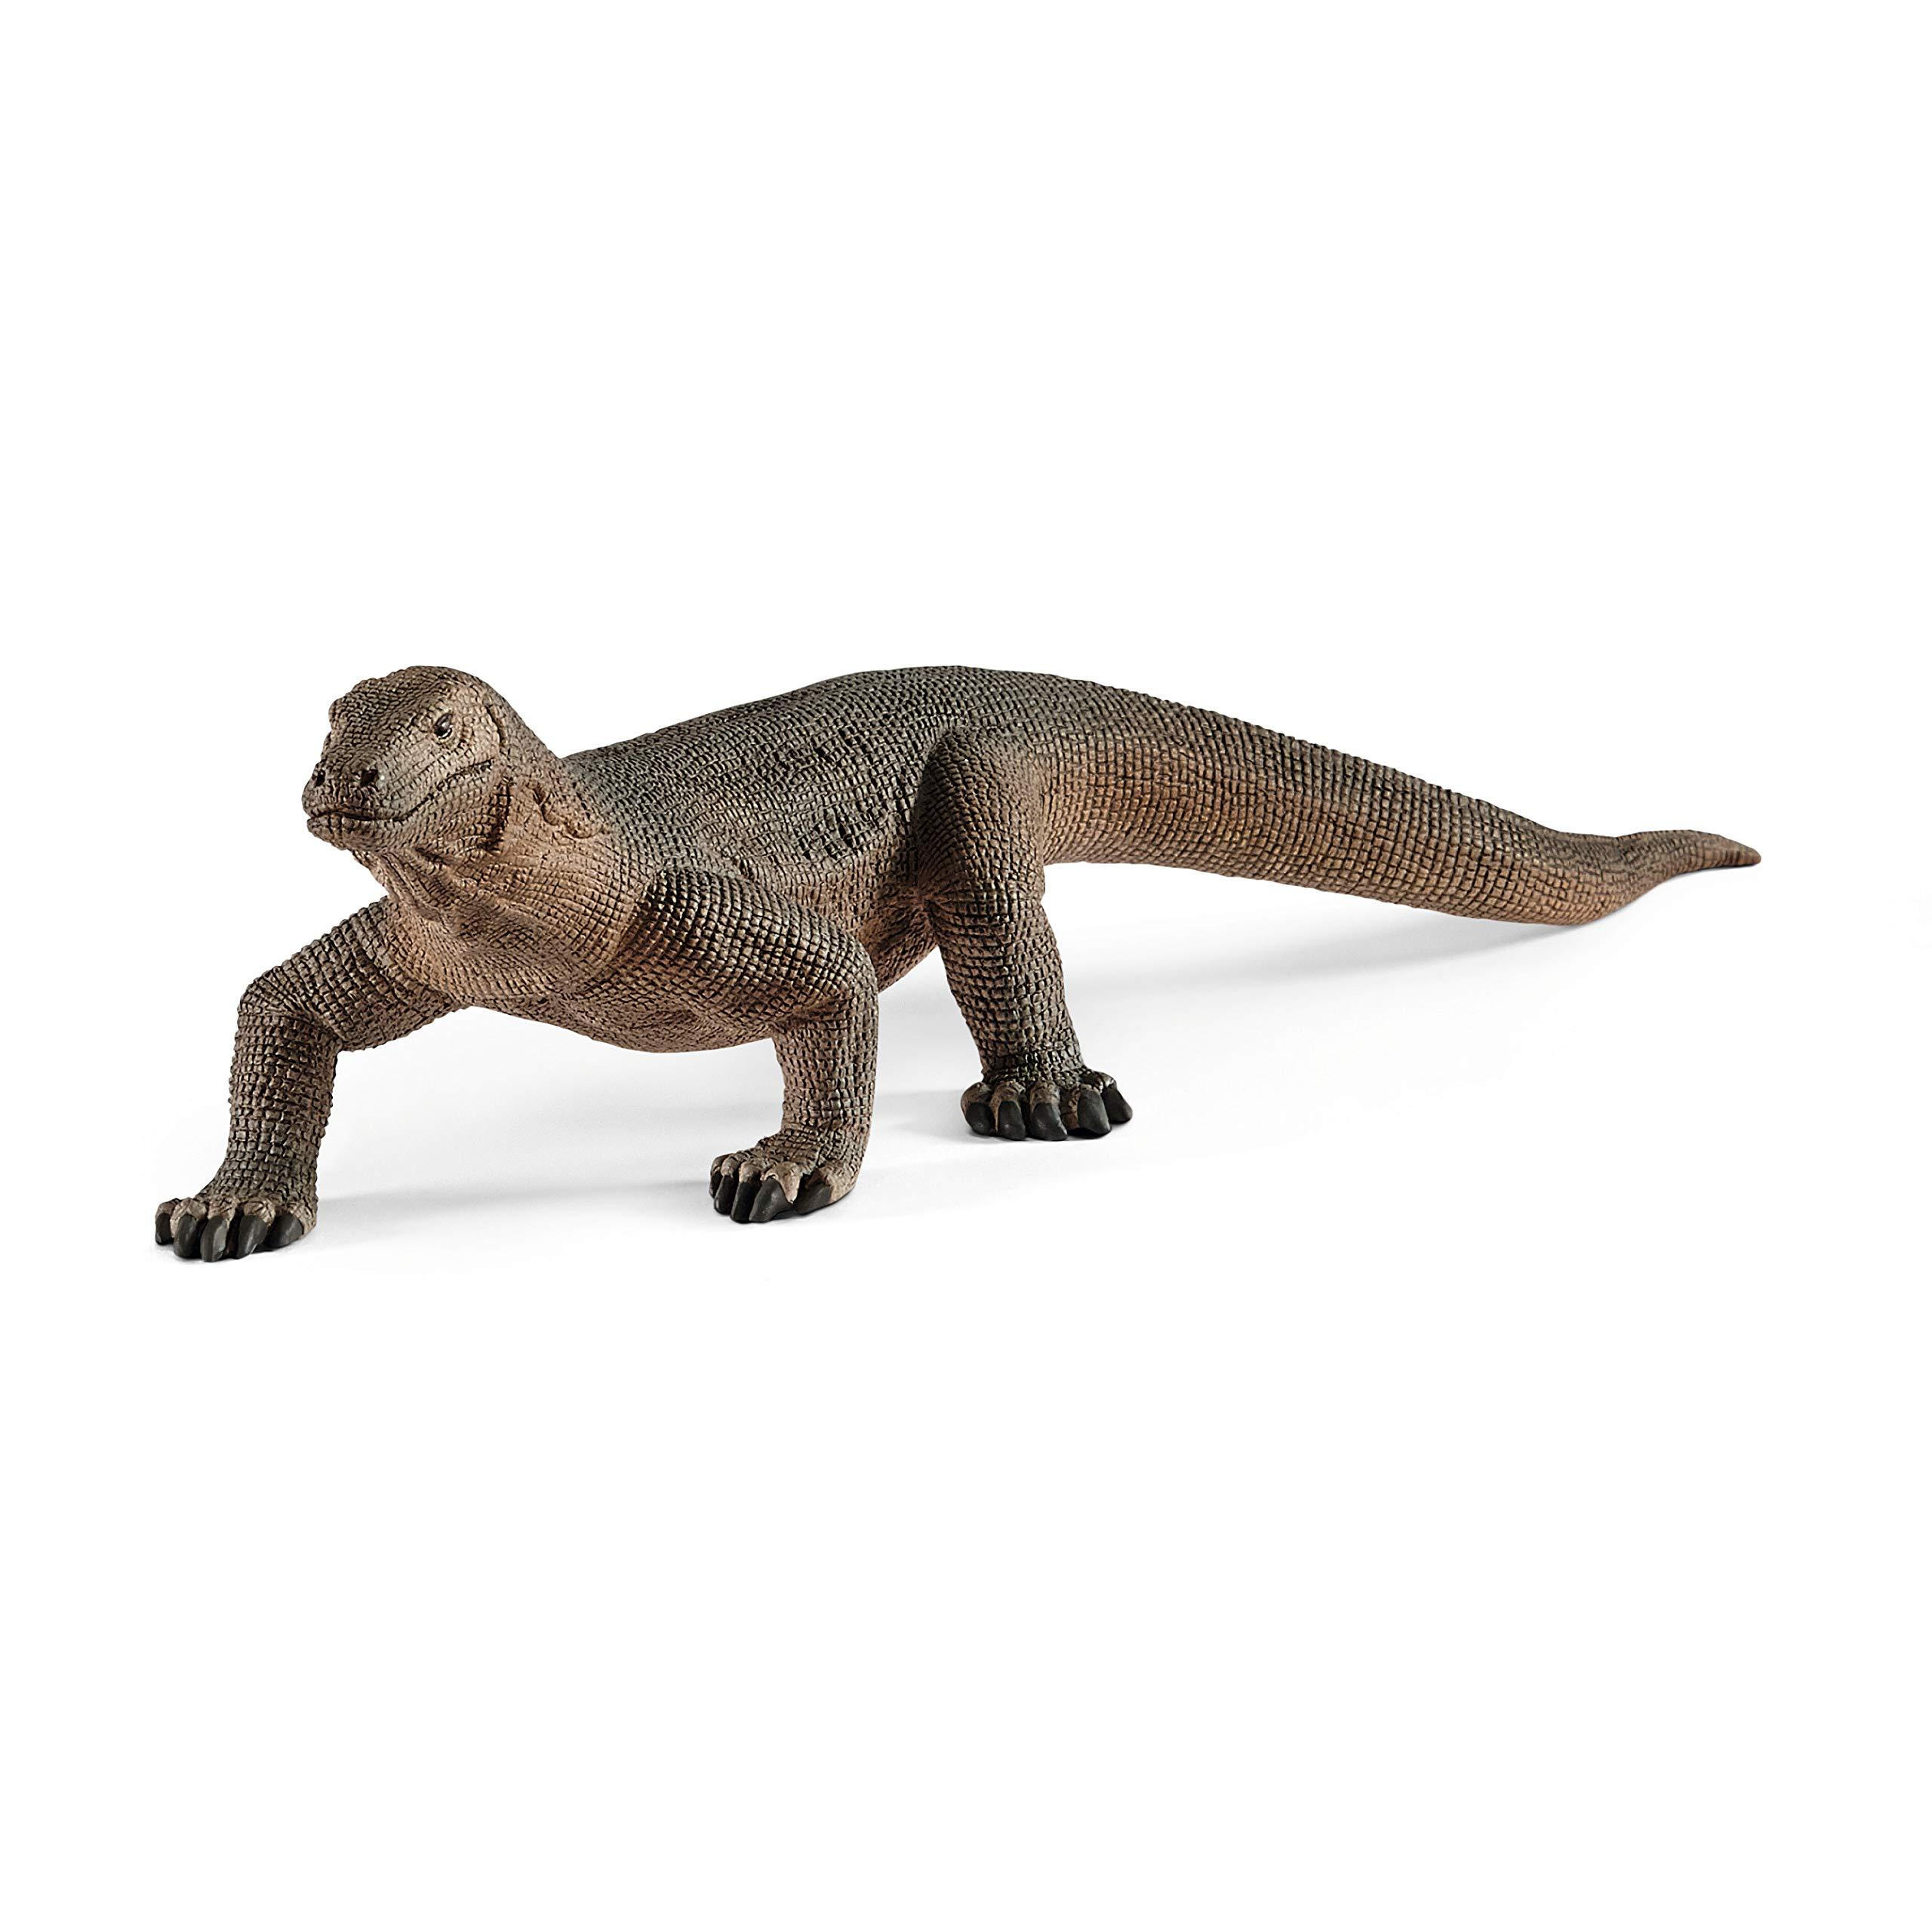 Schleich 14826 Wild Life Komodo Dragon